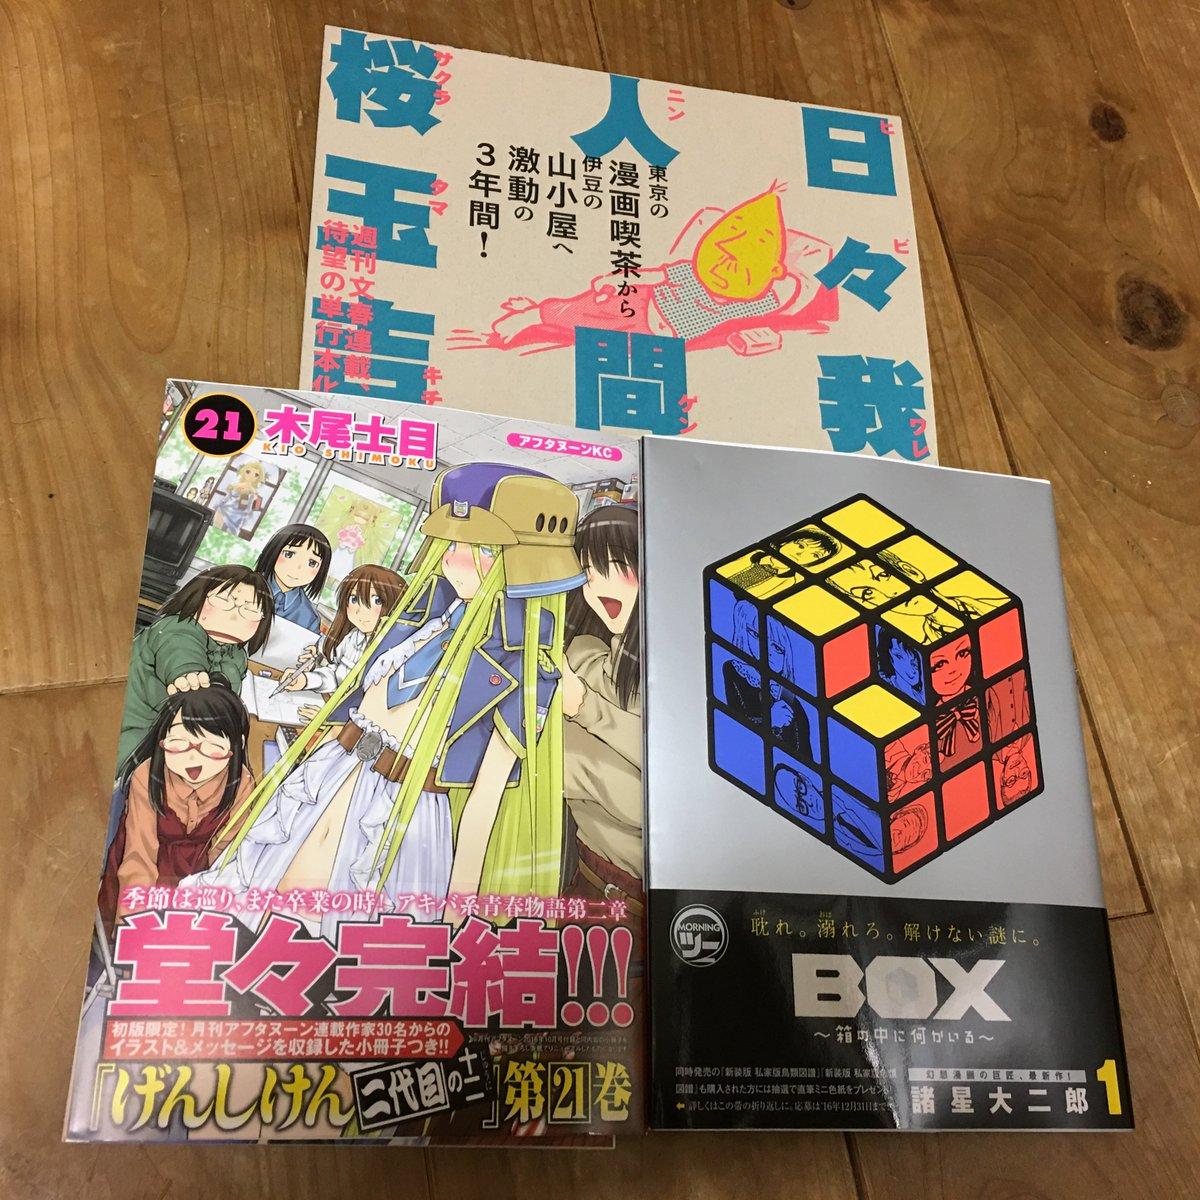 「げんしけん 21 最終巻」「BOX」「日々我人間」購入。